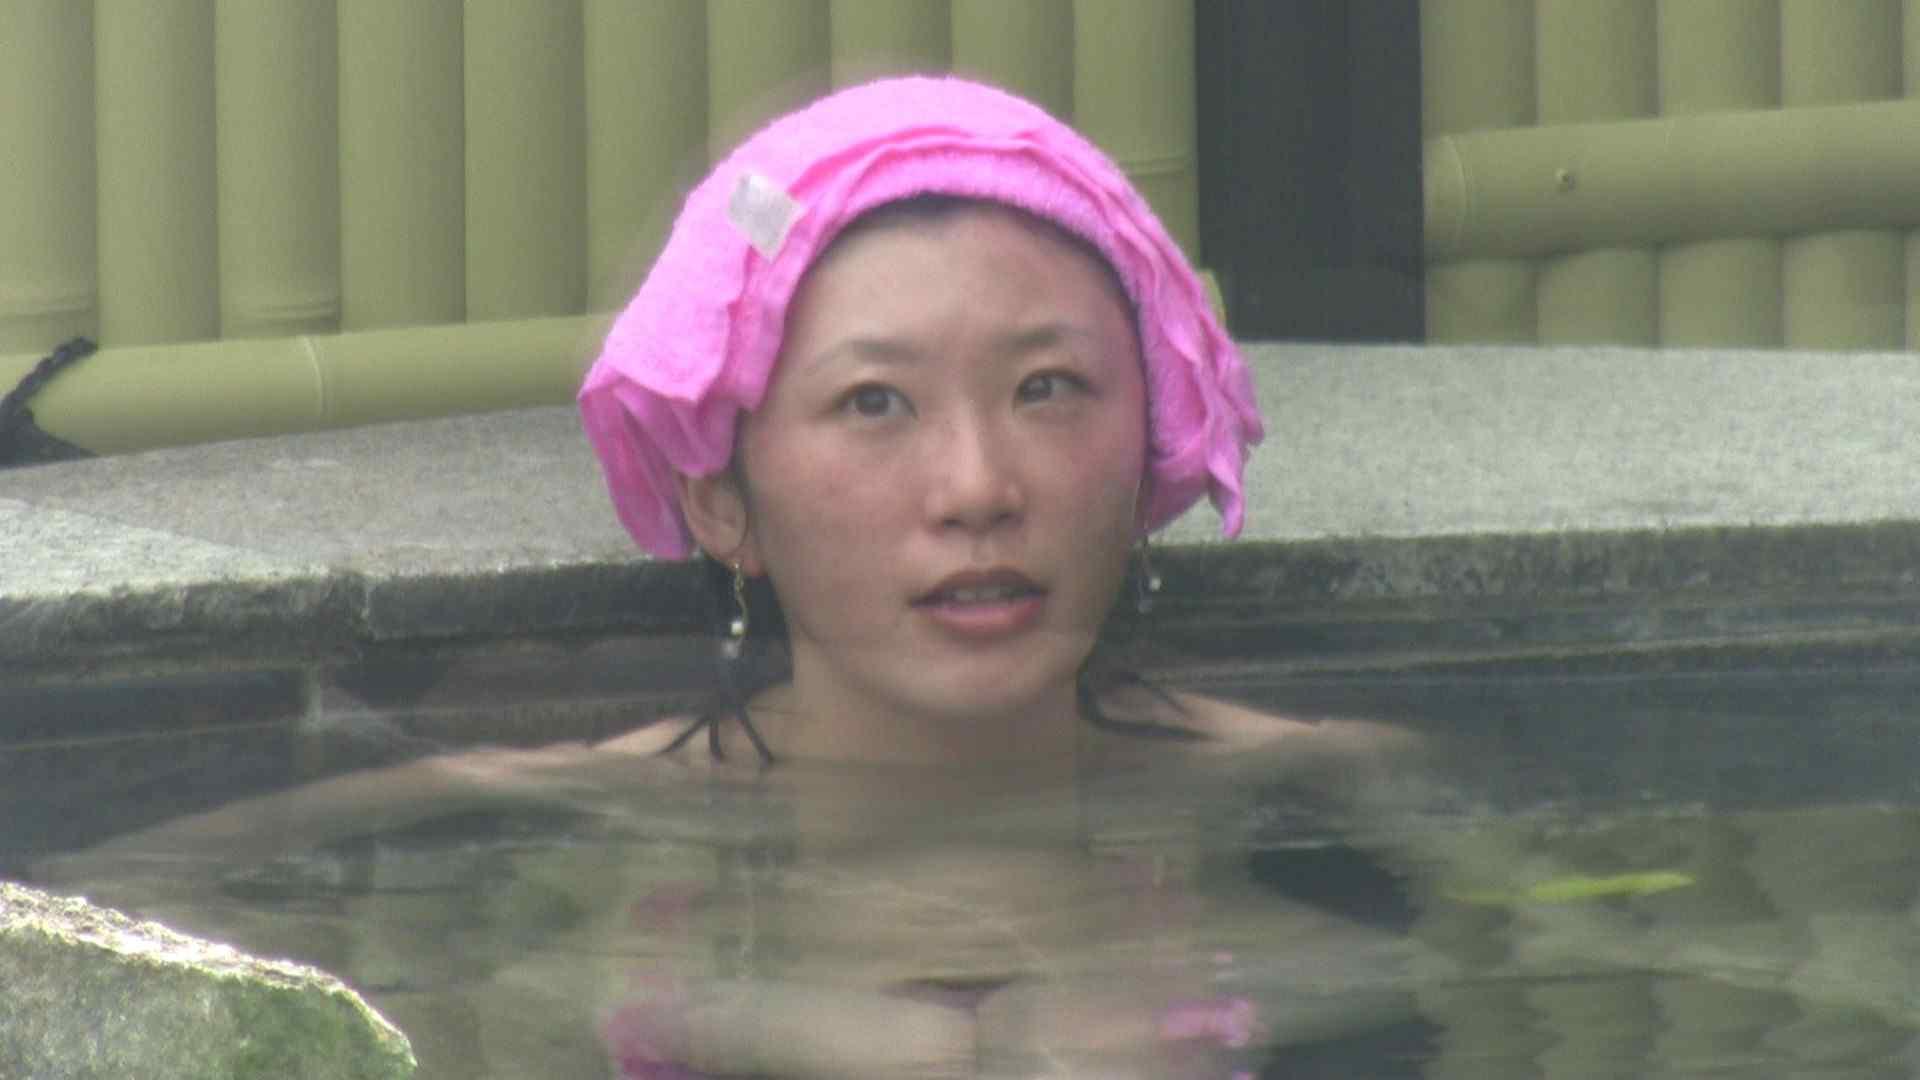 Aquaな露天風呂Vol.127 美しいOLの裸体 オメコ無修正動画無料 77pic 38